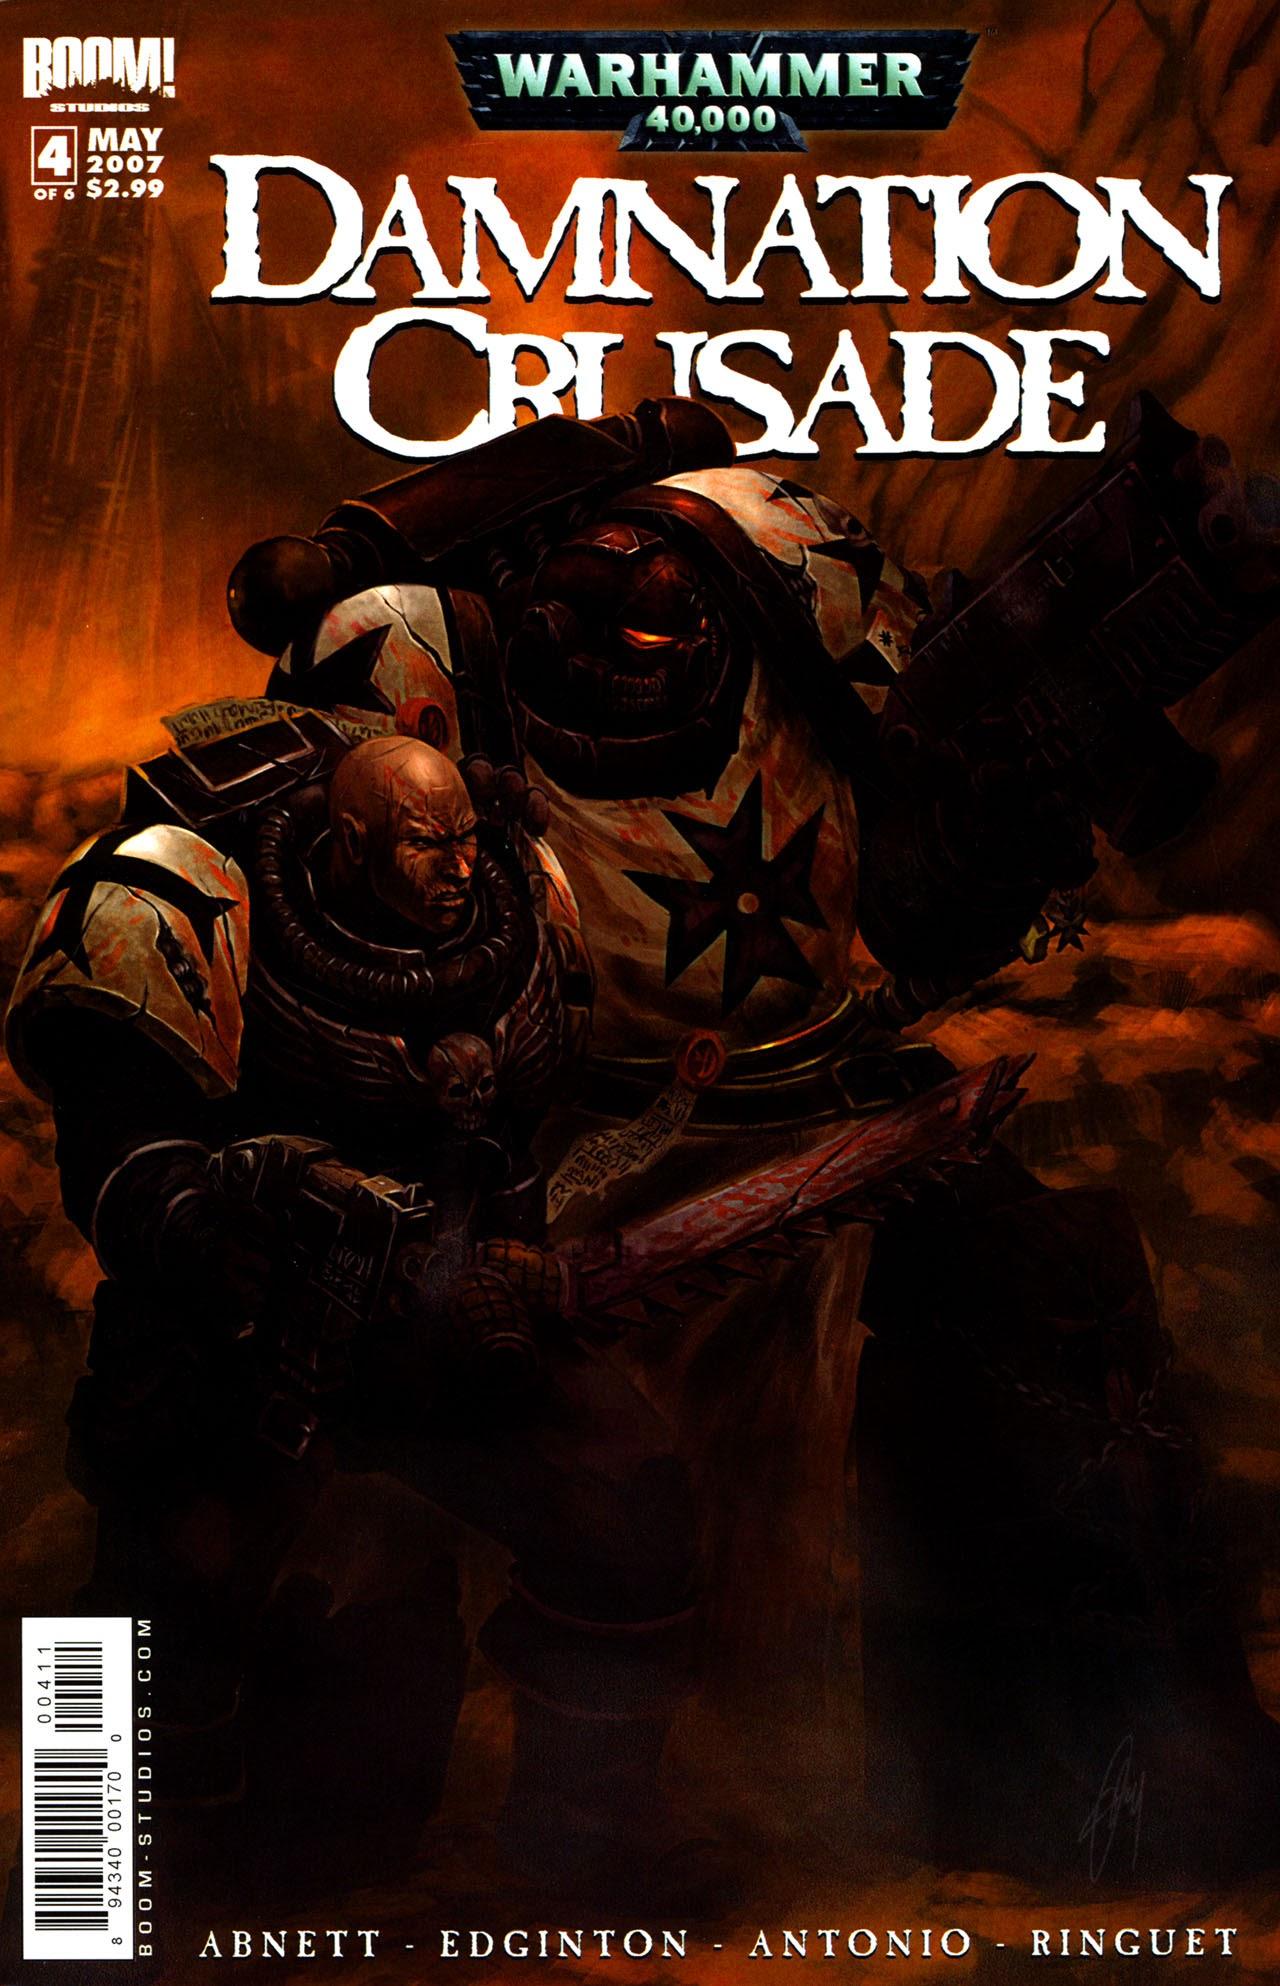 Warhammer 40,000: Damnation Crusade 4 Page 1